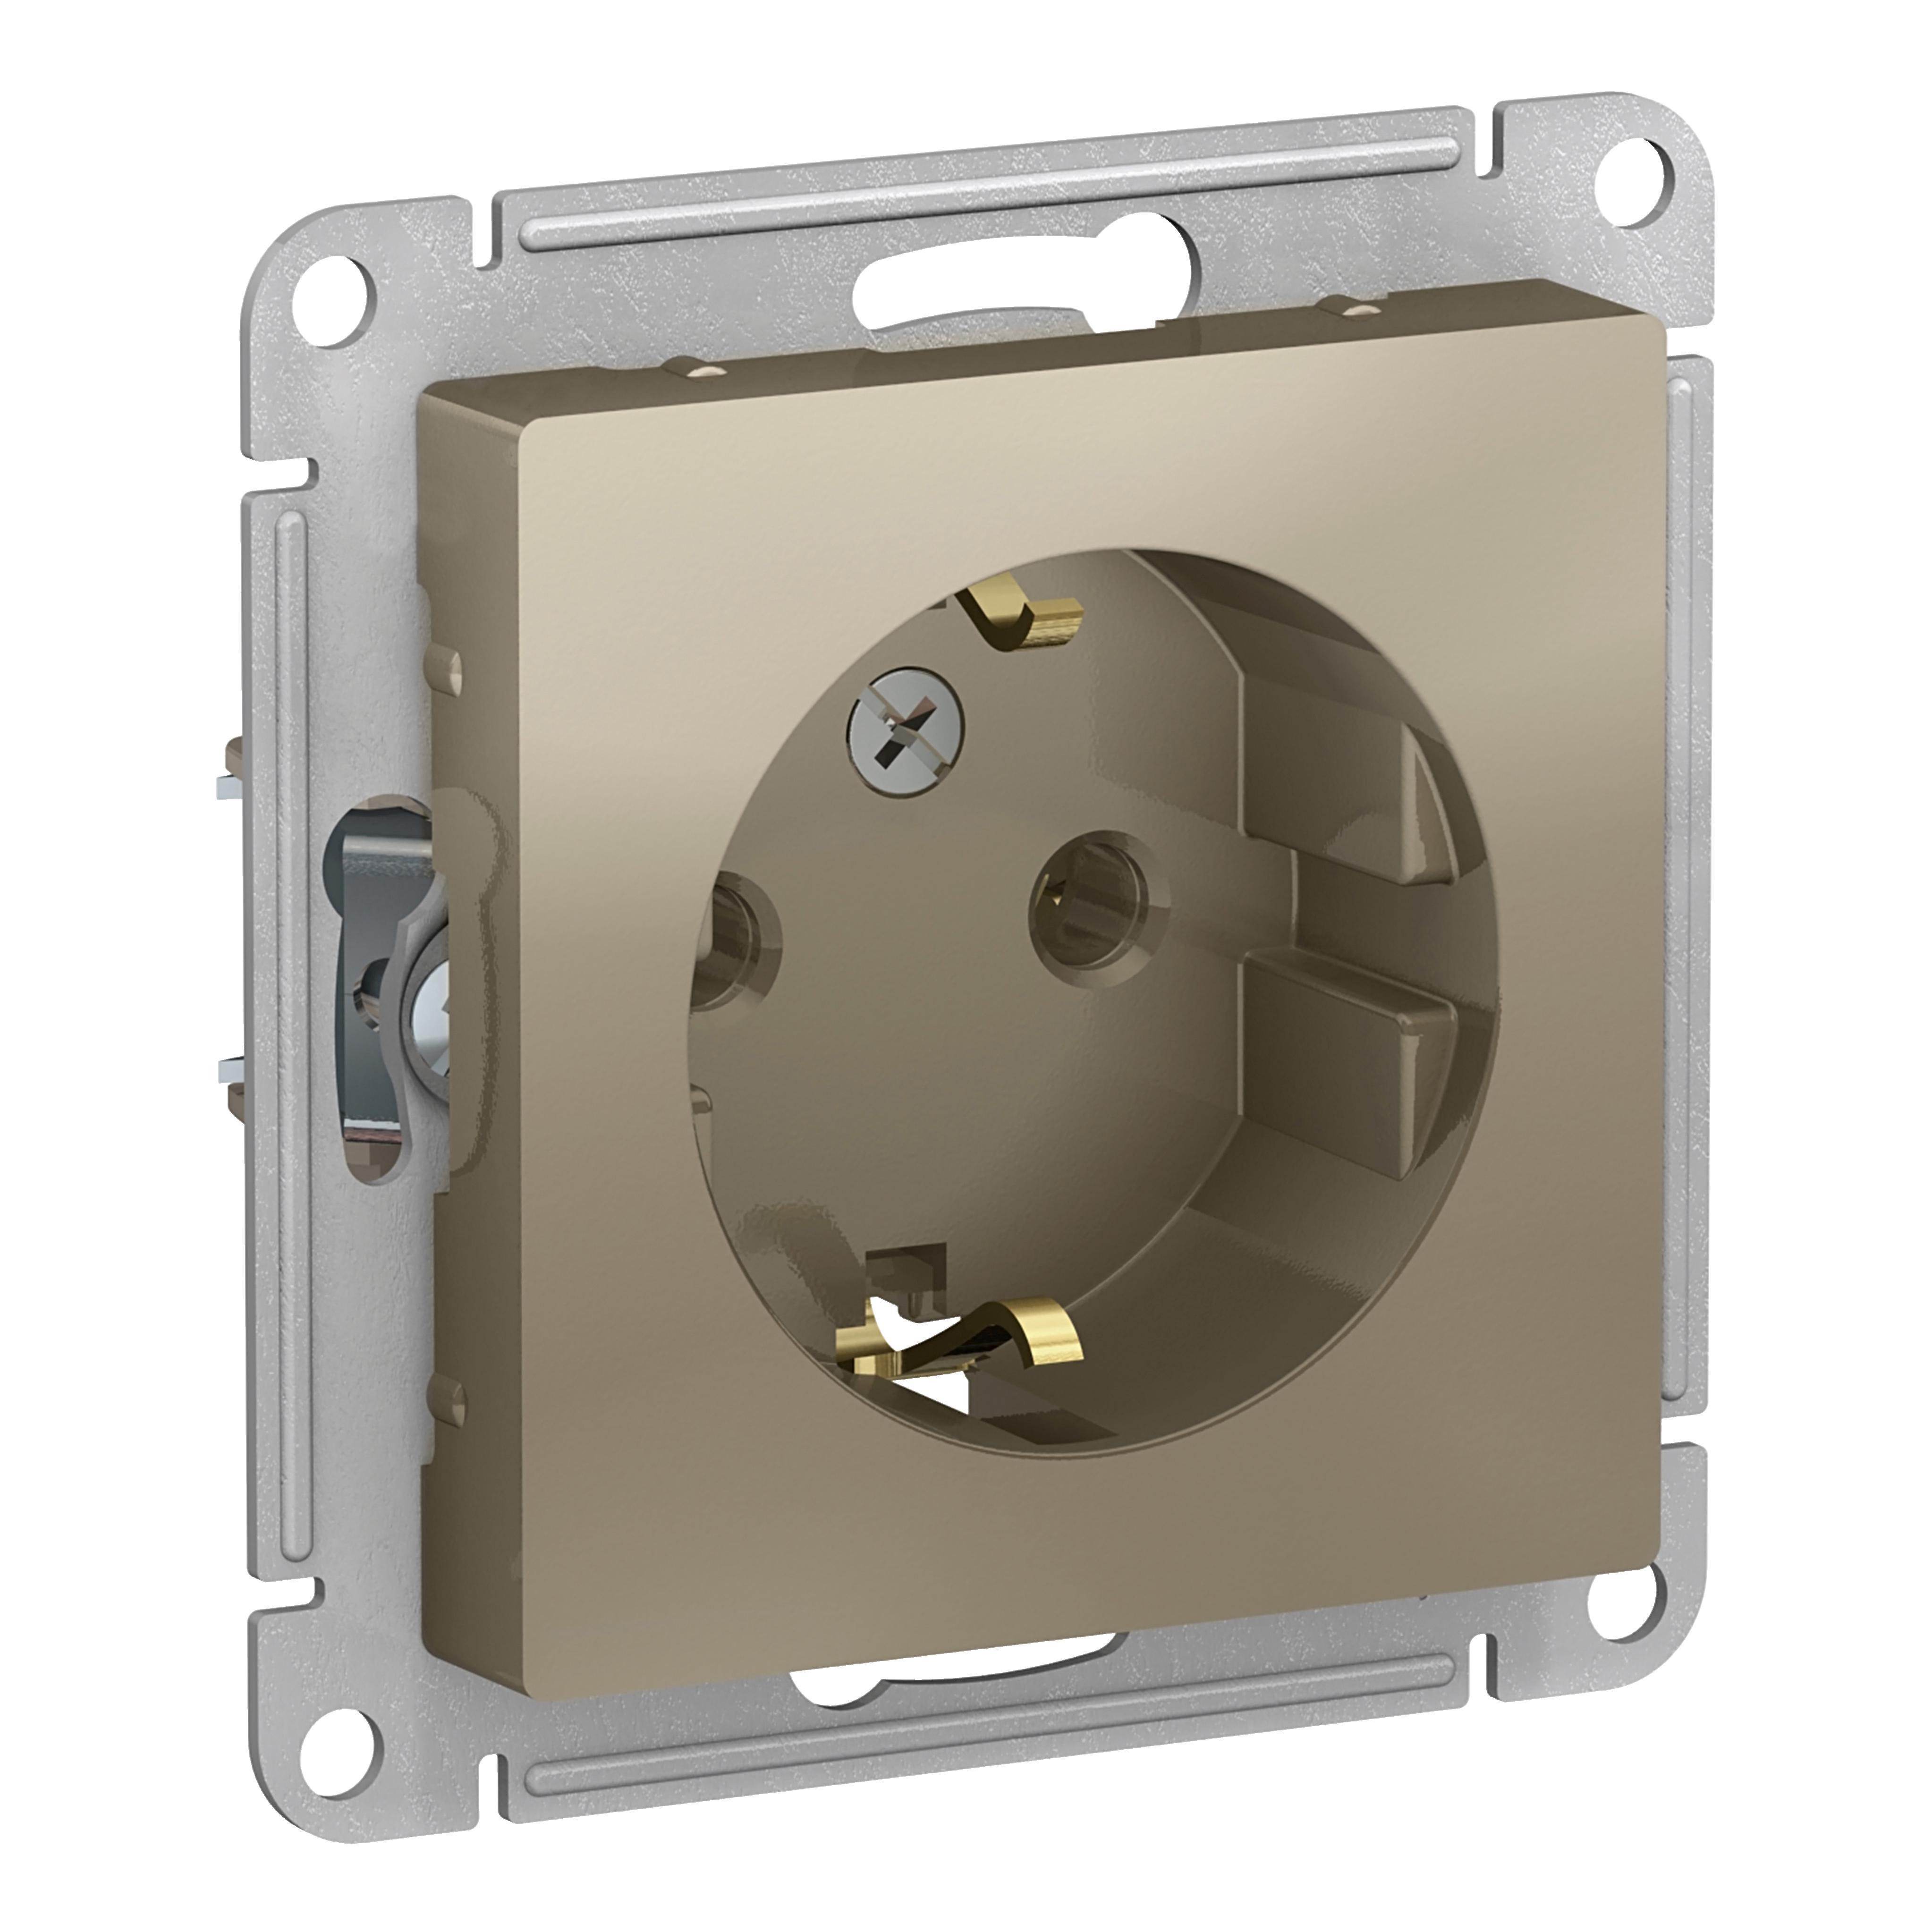 Купить Механизм розетки Schneider electric Atn000543